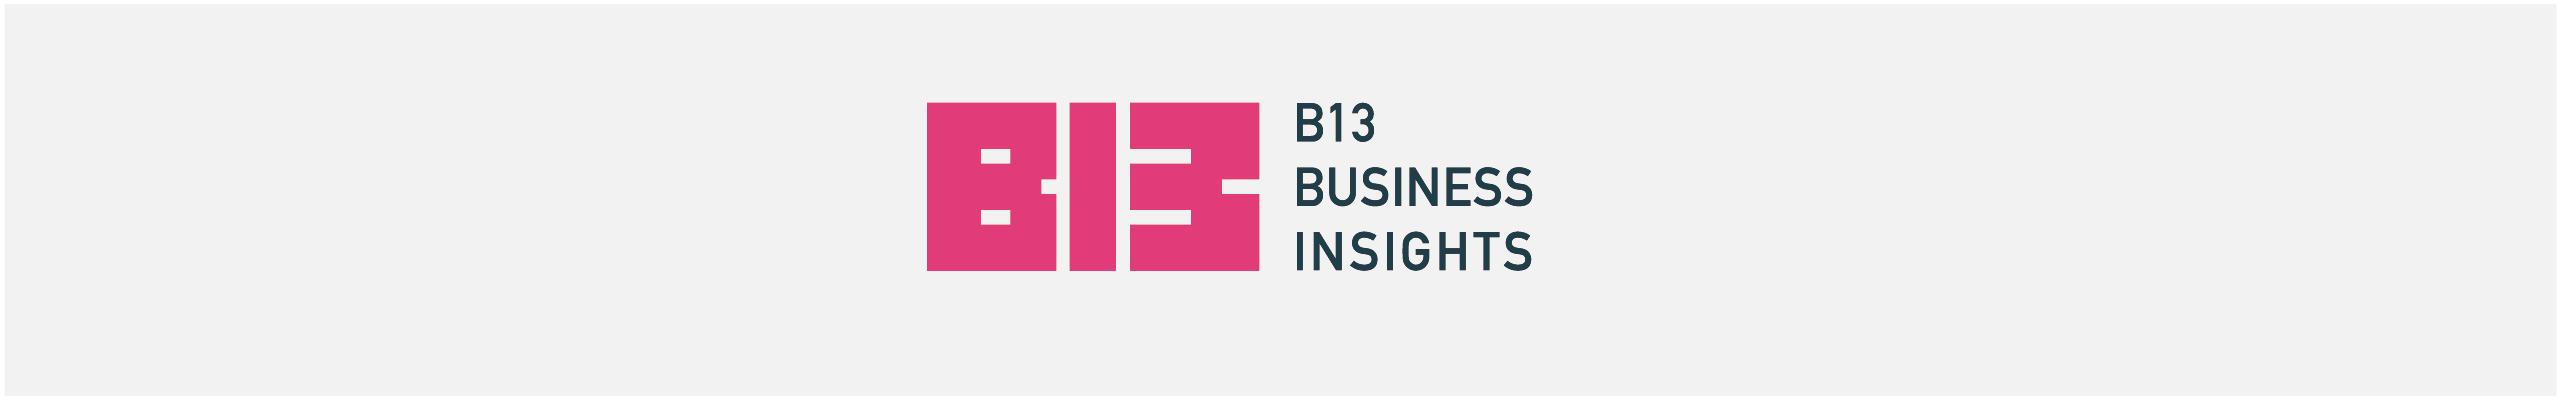 B13_Web